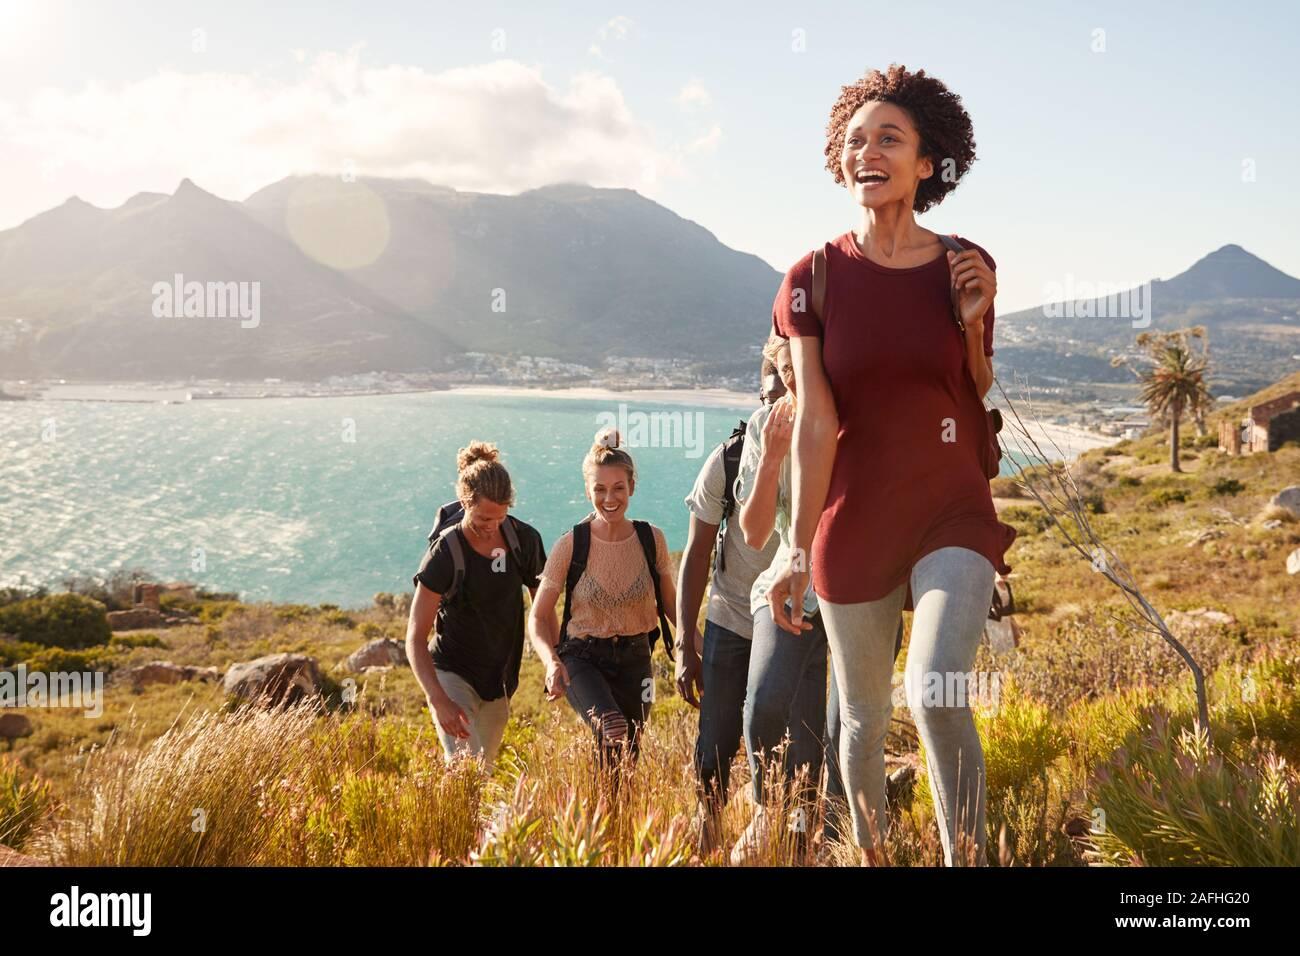 La milenaria Afroamericana principales amigos en una Caminata subiendo por la costa, cerrar Foto de stock